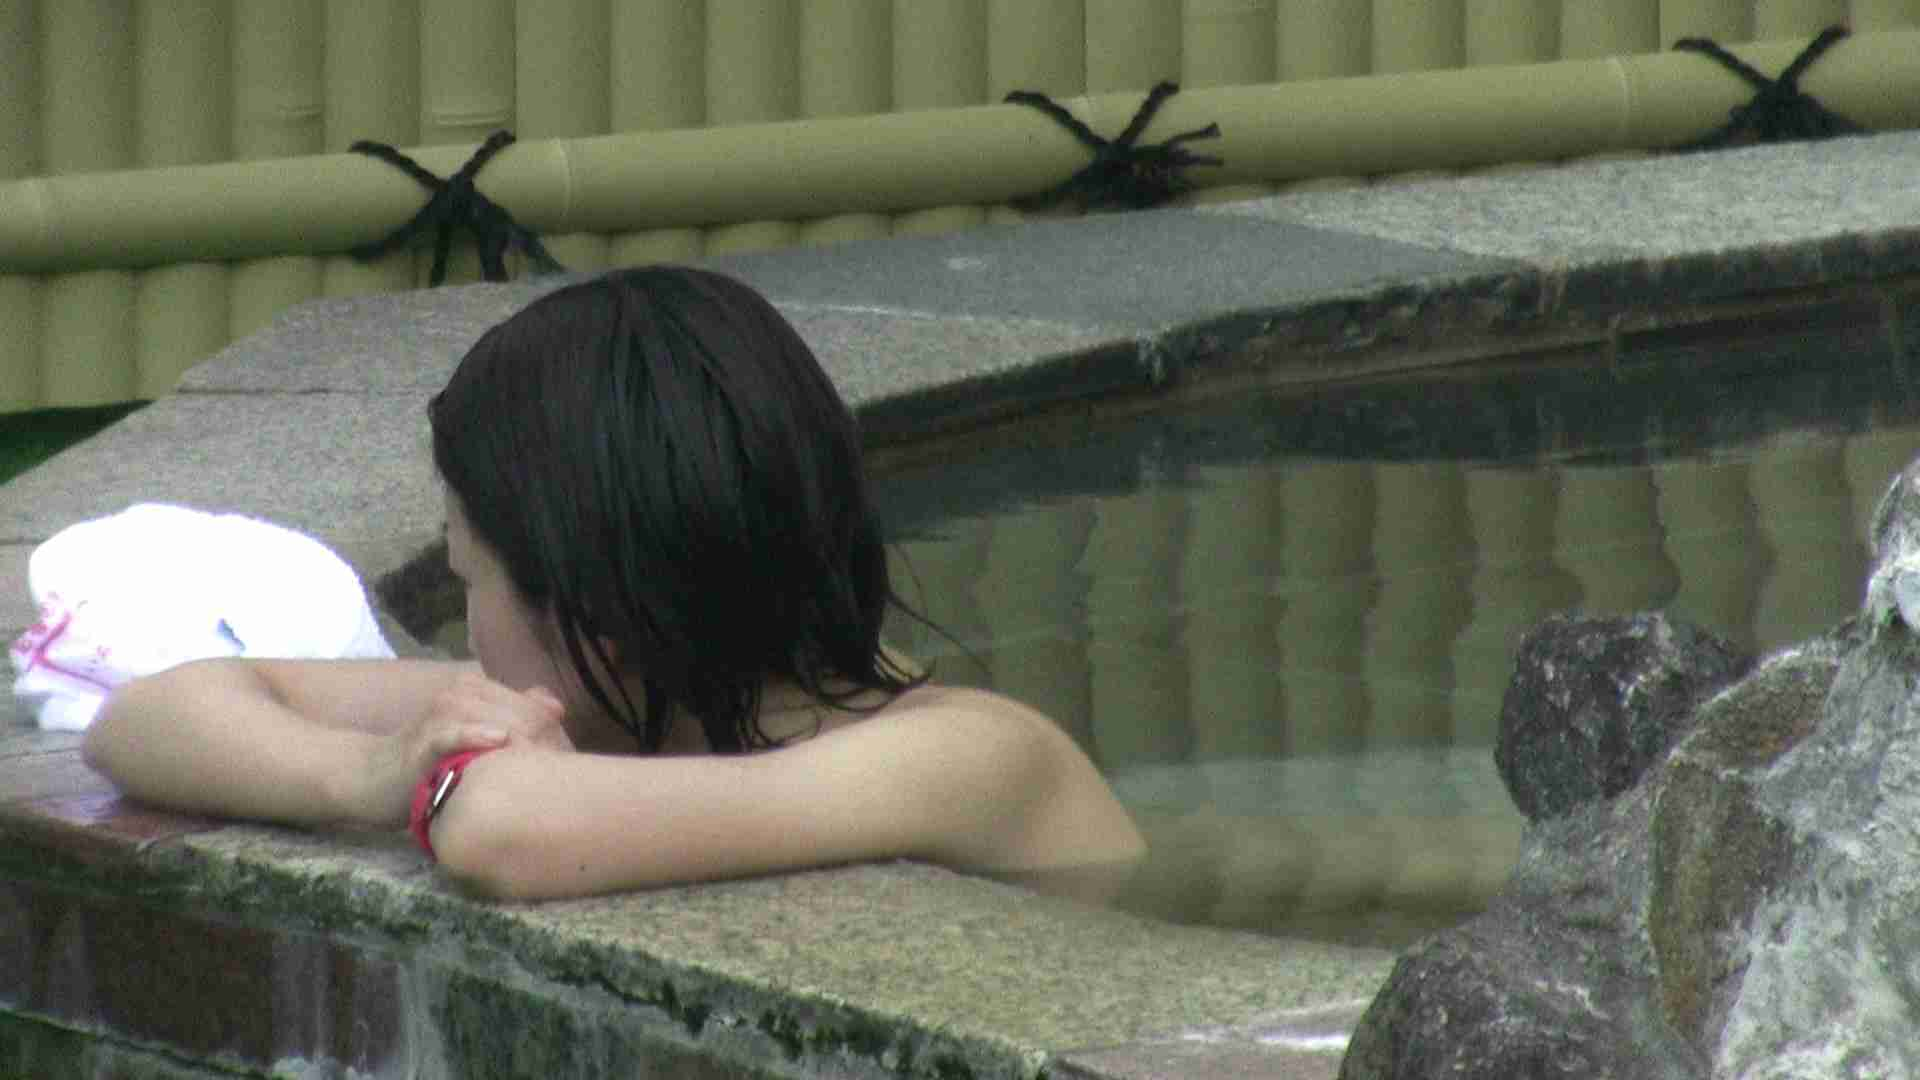 Aquaな露天風呂Vol.133 露天 オメコ動画キャプチャ 19連発 14